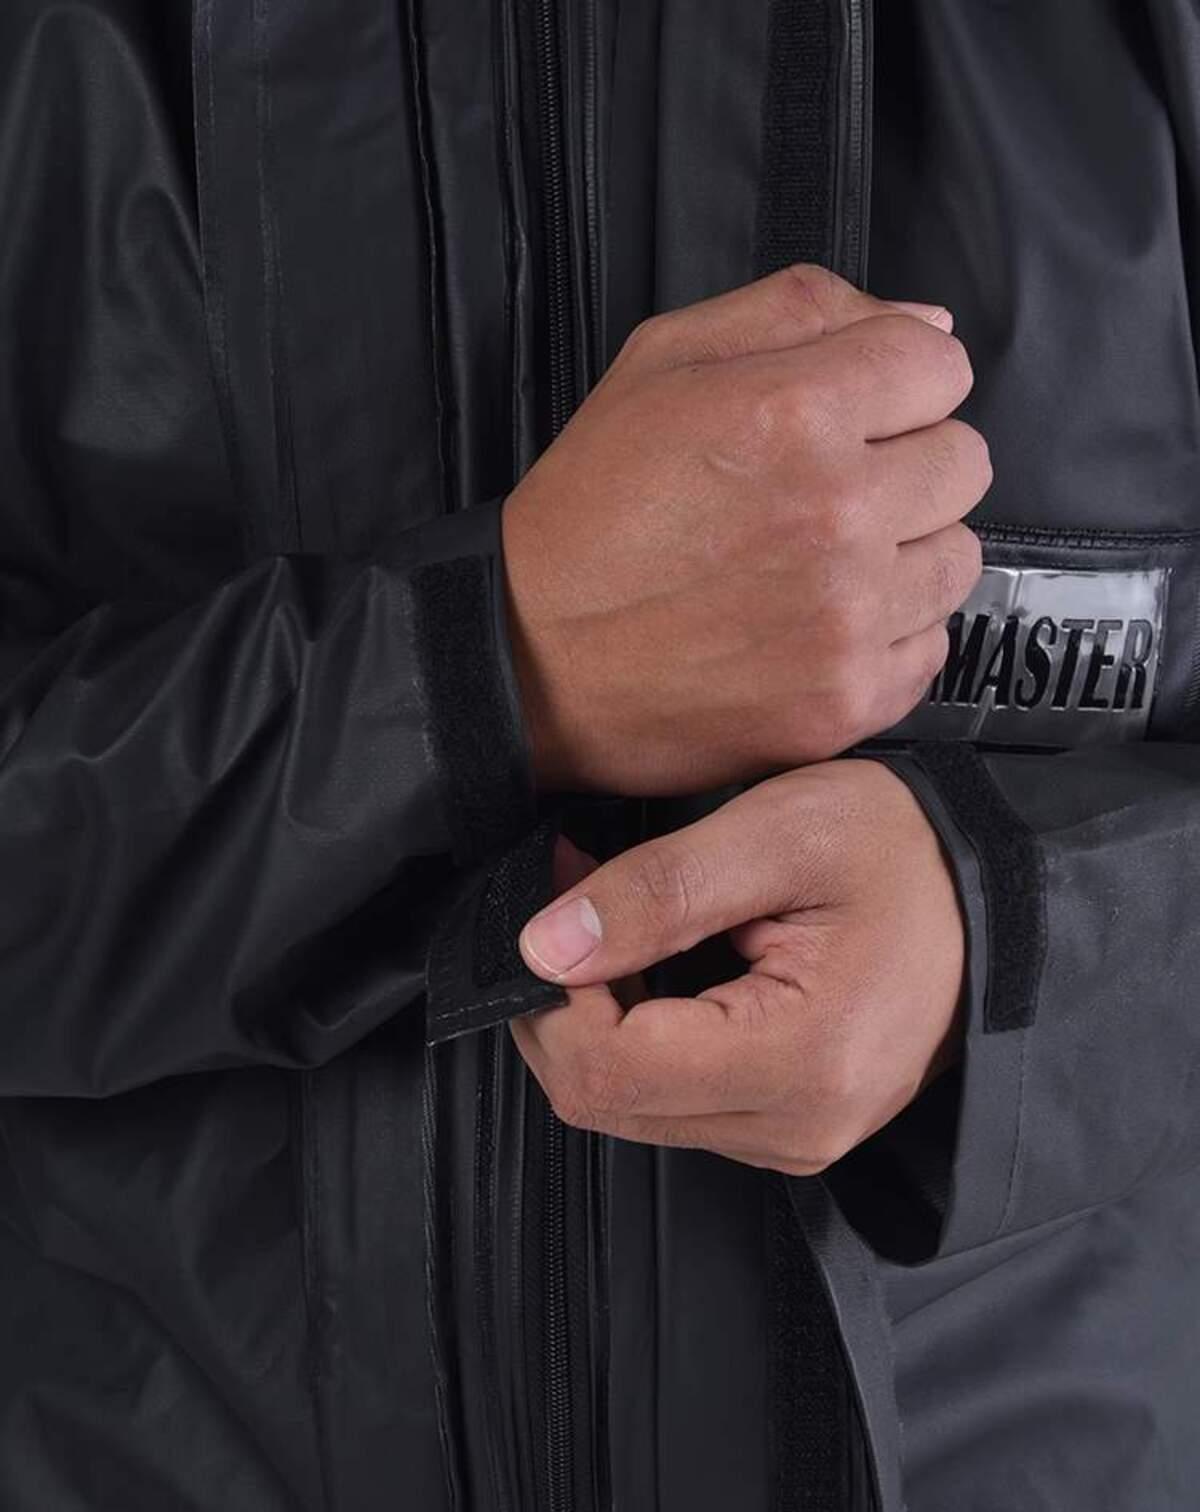 CAPA DE CHUVA CONJUNTO MOTOQUEIRO IMPERMEAVEL POLICAP